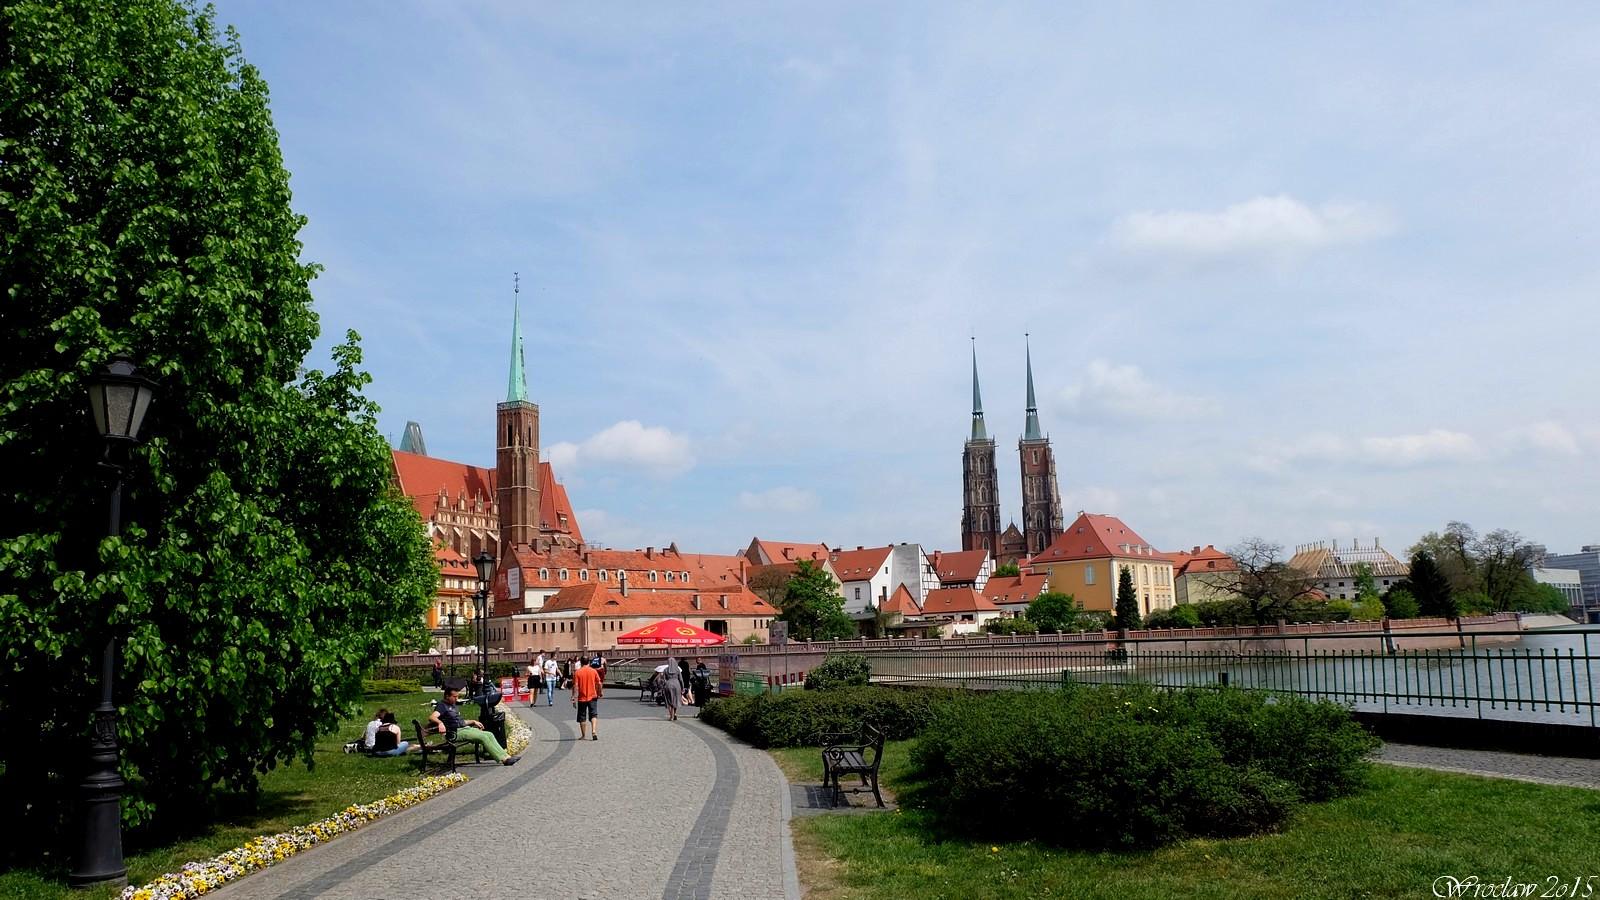 Wyspa Piasek, Wroclaw, Poland